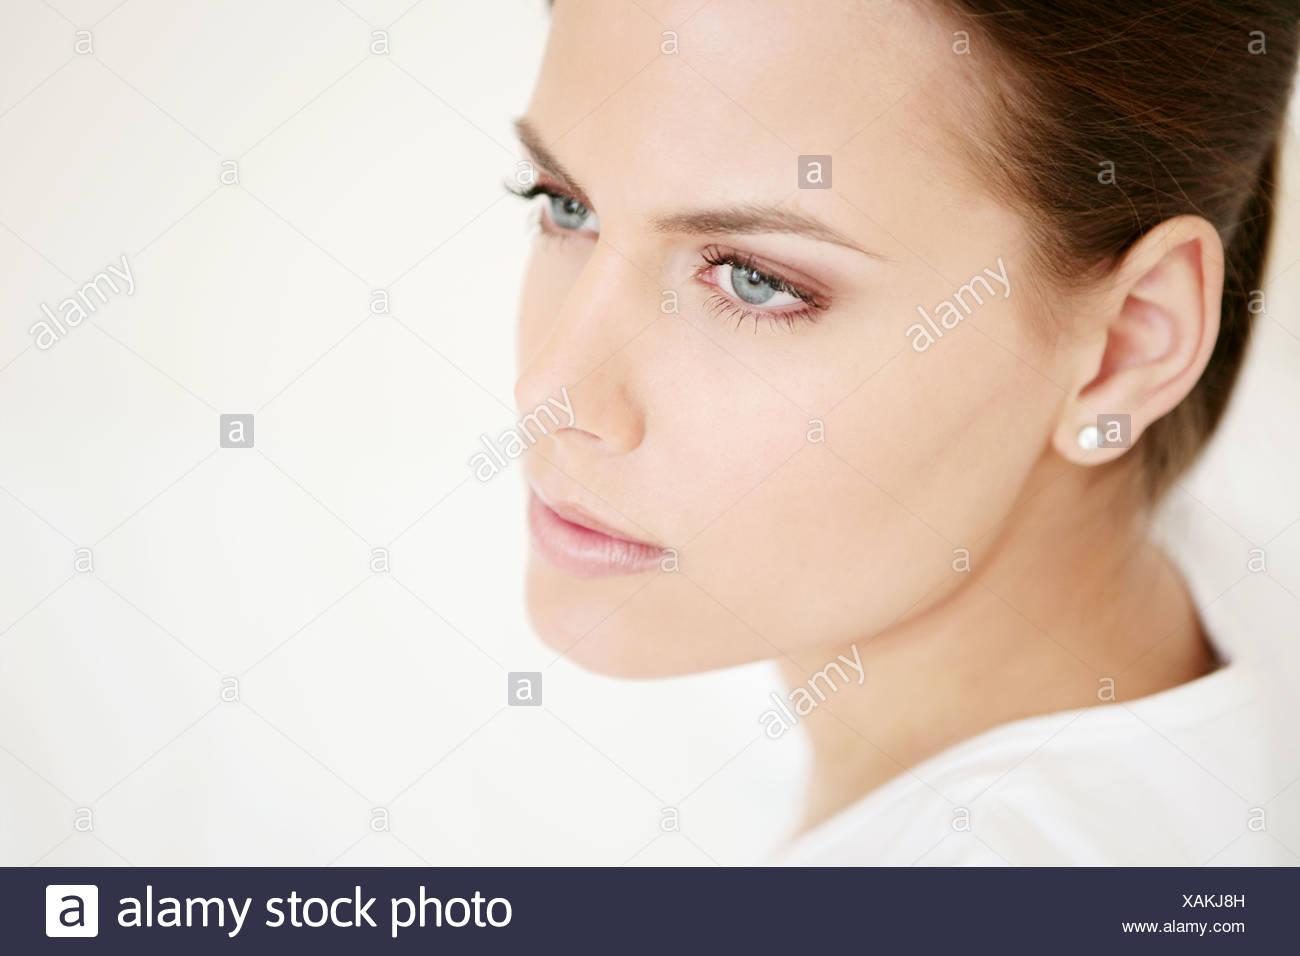 Faccia, giovane donna, vitalità, fresche, compongono, modello adulto, femmina, testa, bellezza, 20-25 anni, 18-19 anni, bella, benessere, Immagini Stock